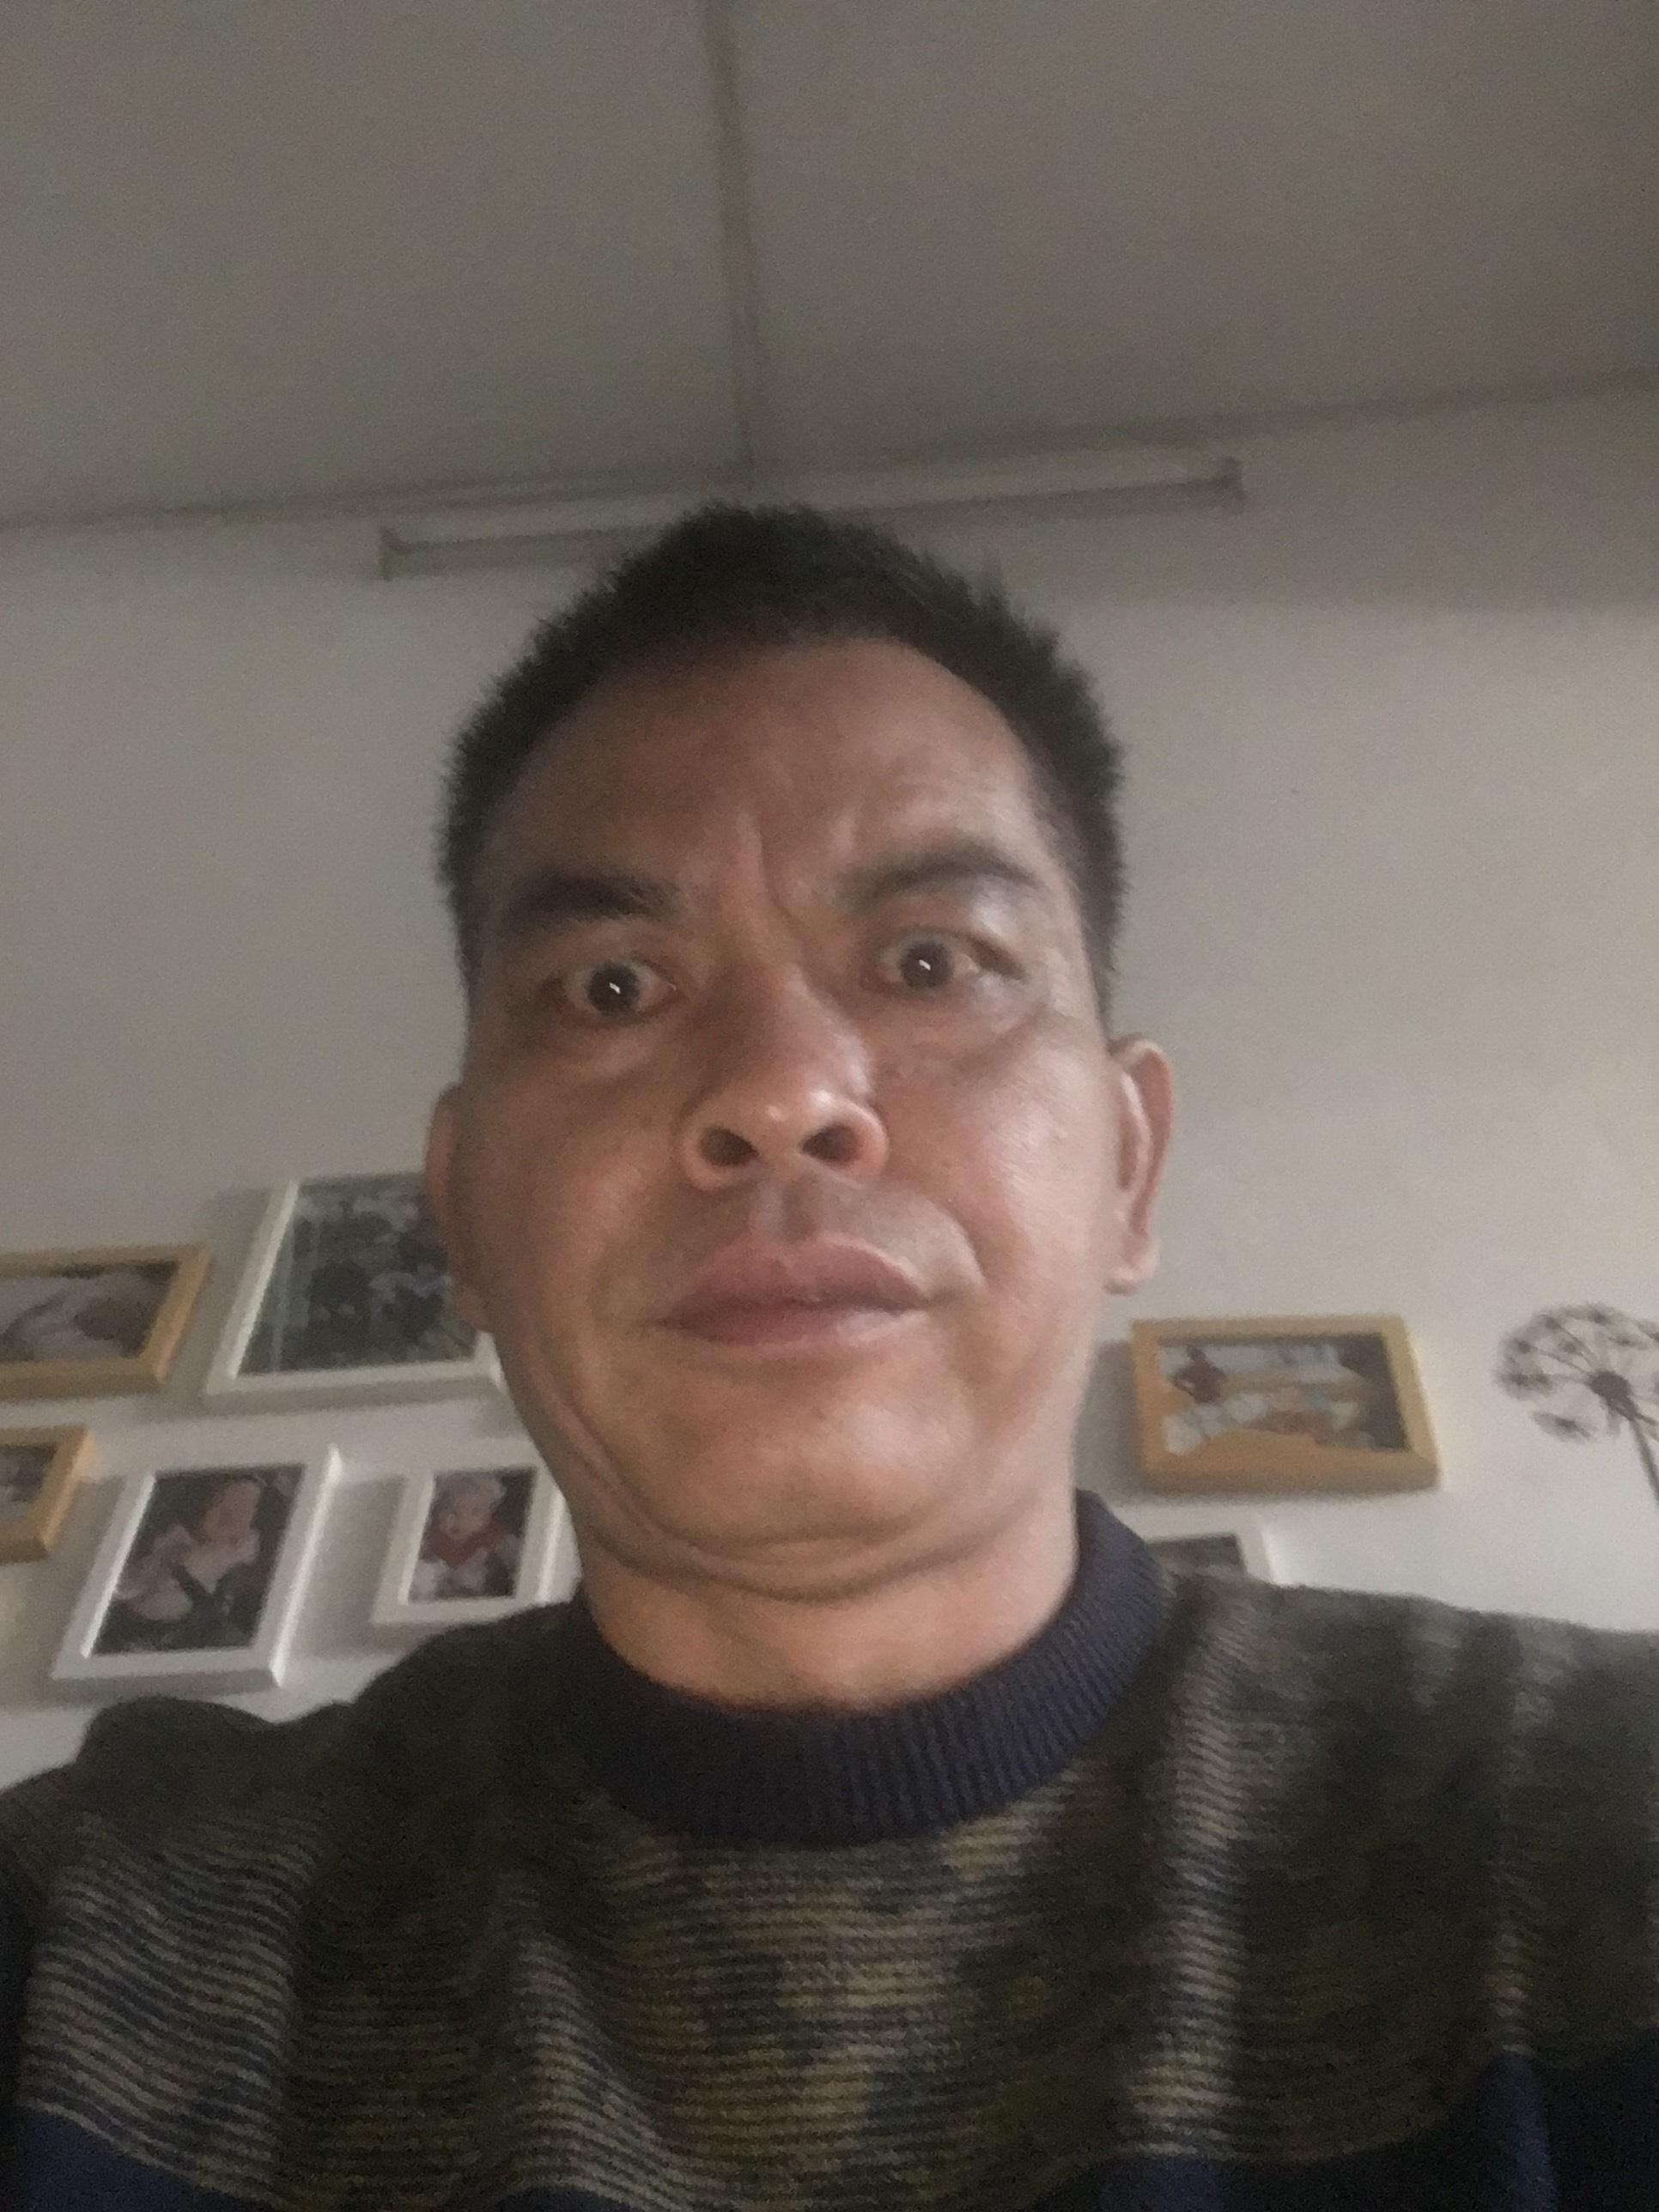 广东省云浮市郁南县到广西壮族自治区梧州市万秀物流货源信息